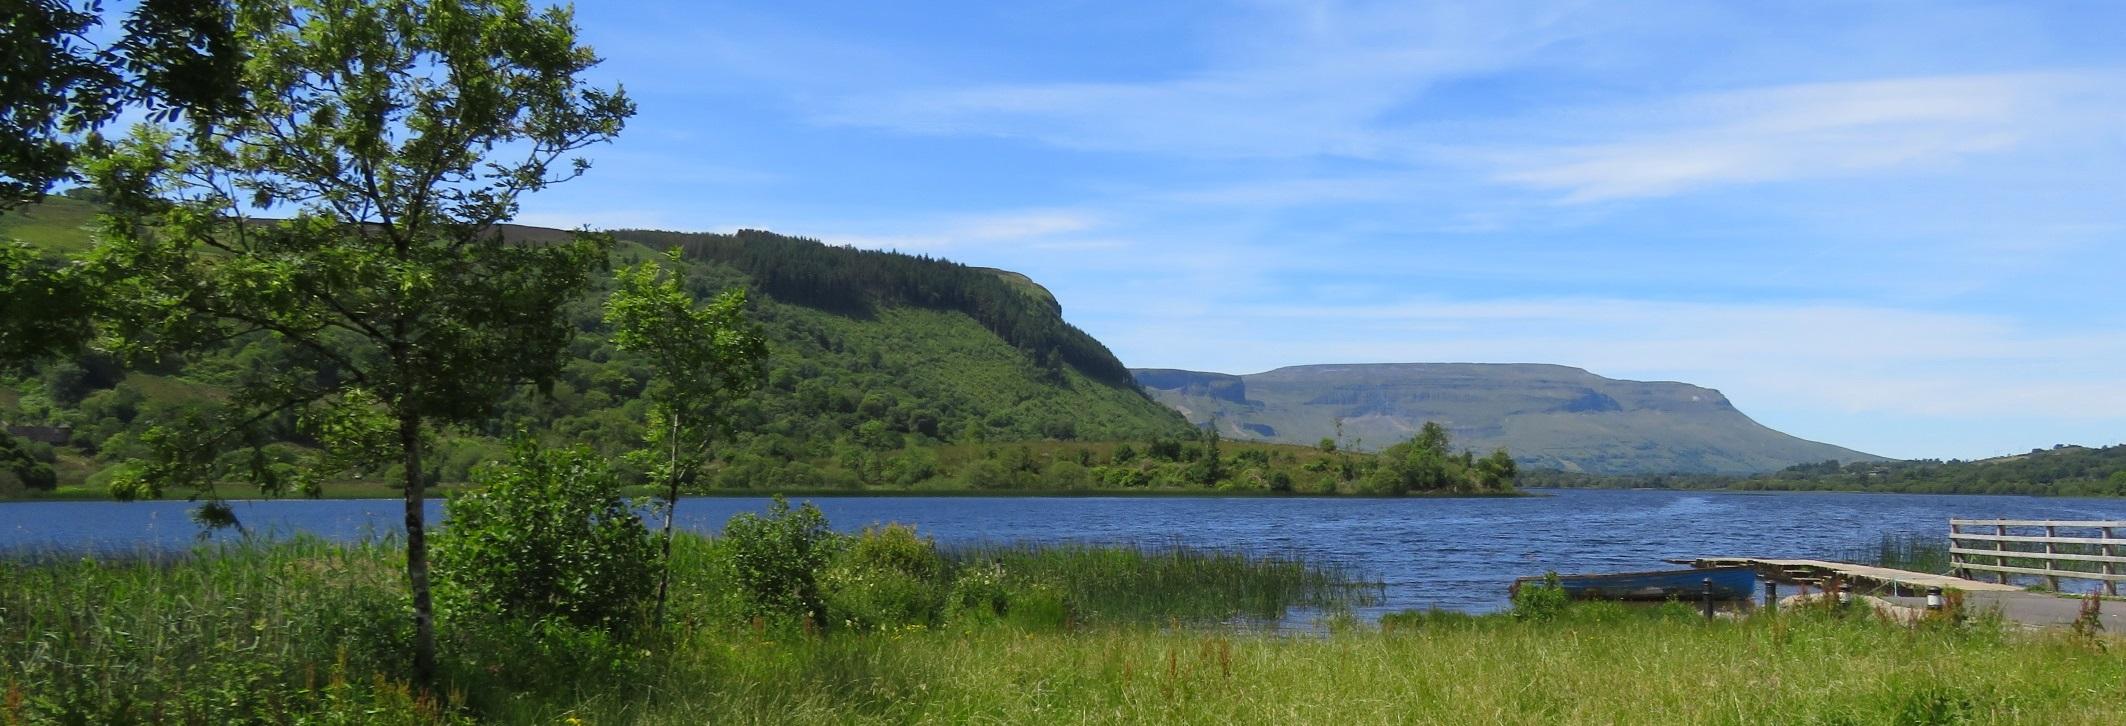 Cycling Holiday in Ireland at Glenade lake